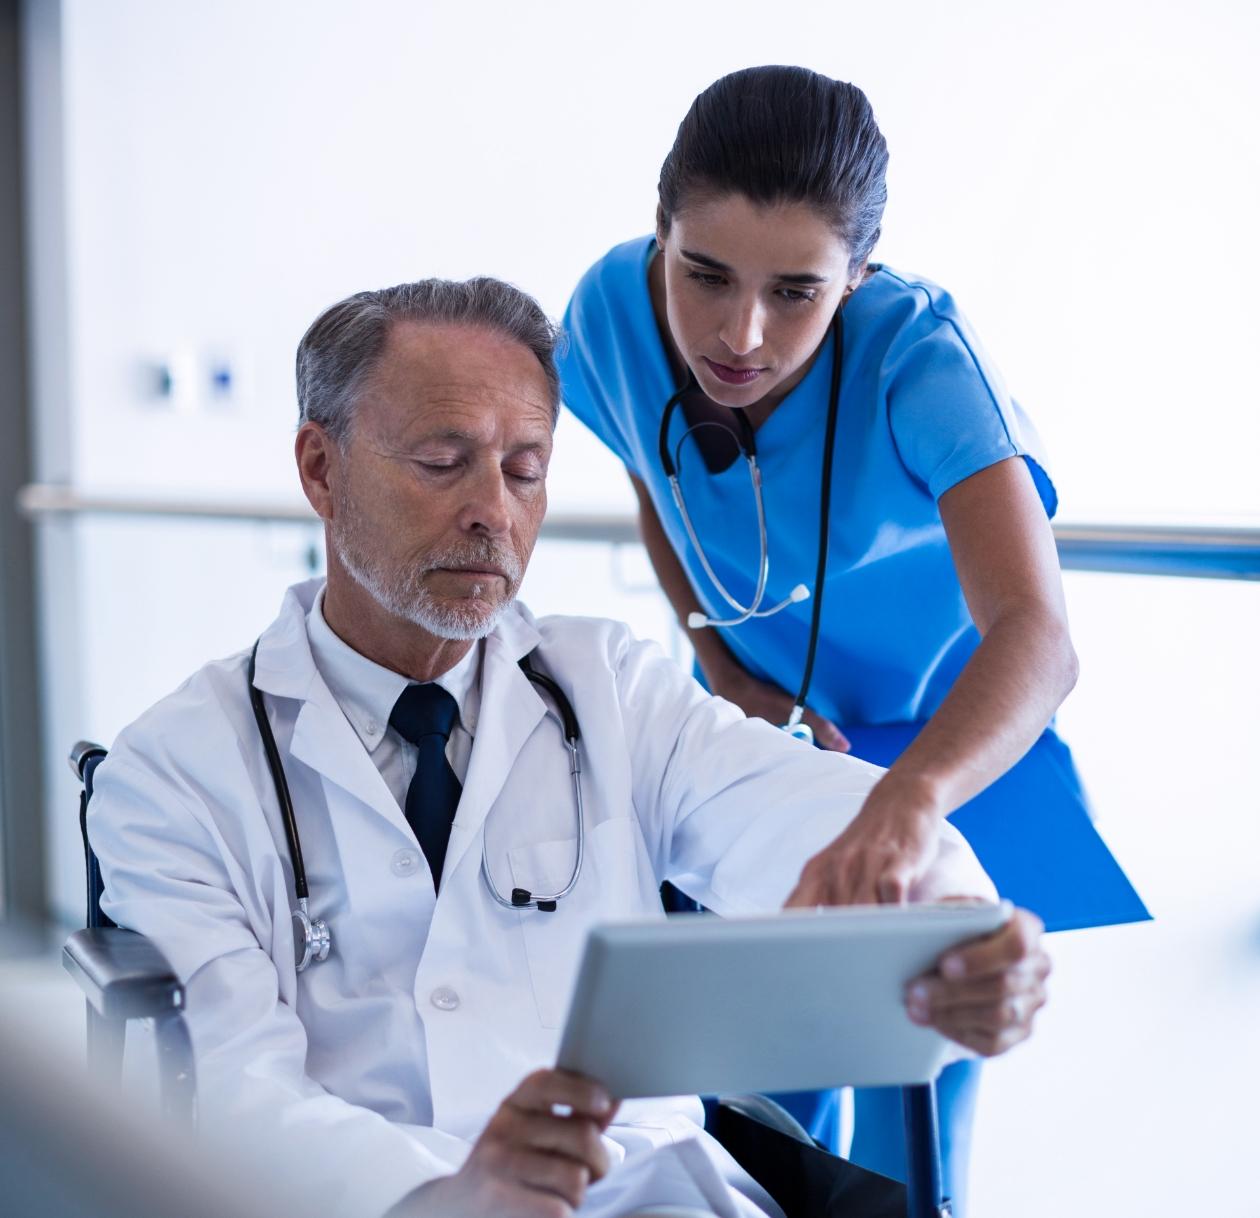 CitiusTech: Physician / Patient Engagement